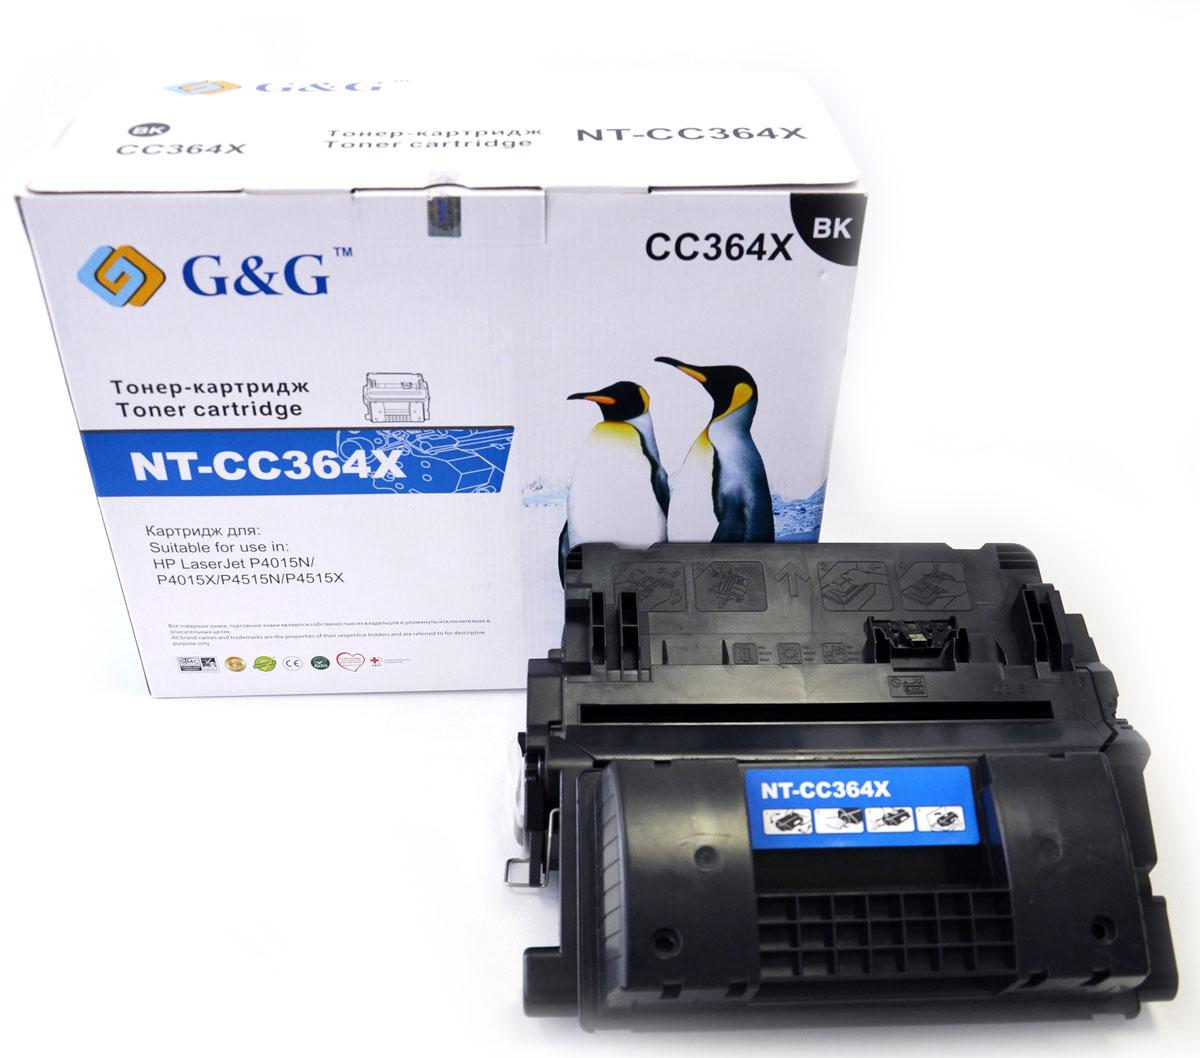 G&G NT-CC364X тонер-картридж для HP laserJet P4015N/P4015X/P4515N/P4515XNT-CC364XКартридж G&G NT-CC364X для лазерных принтеров HP LaserJet P4015N/P4015X/P4515N/P4515X. Расходные материалы G&G для лазерной печати максимизируют характеристики принтера. Обеспечивают повышенную чёткость чёрного текста и плавность переходов оттенков серого цвета и полутонов, позволяют отображать мельчайшие детали изображения. Обеспечивают надежное качество печати.